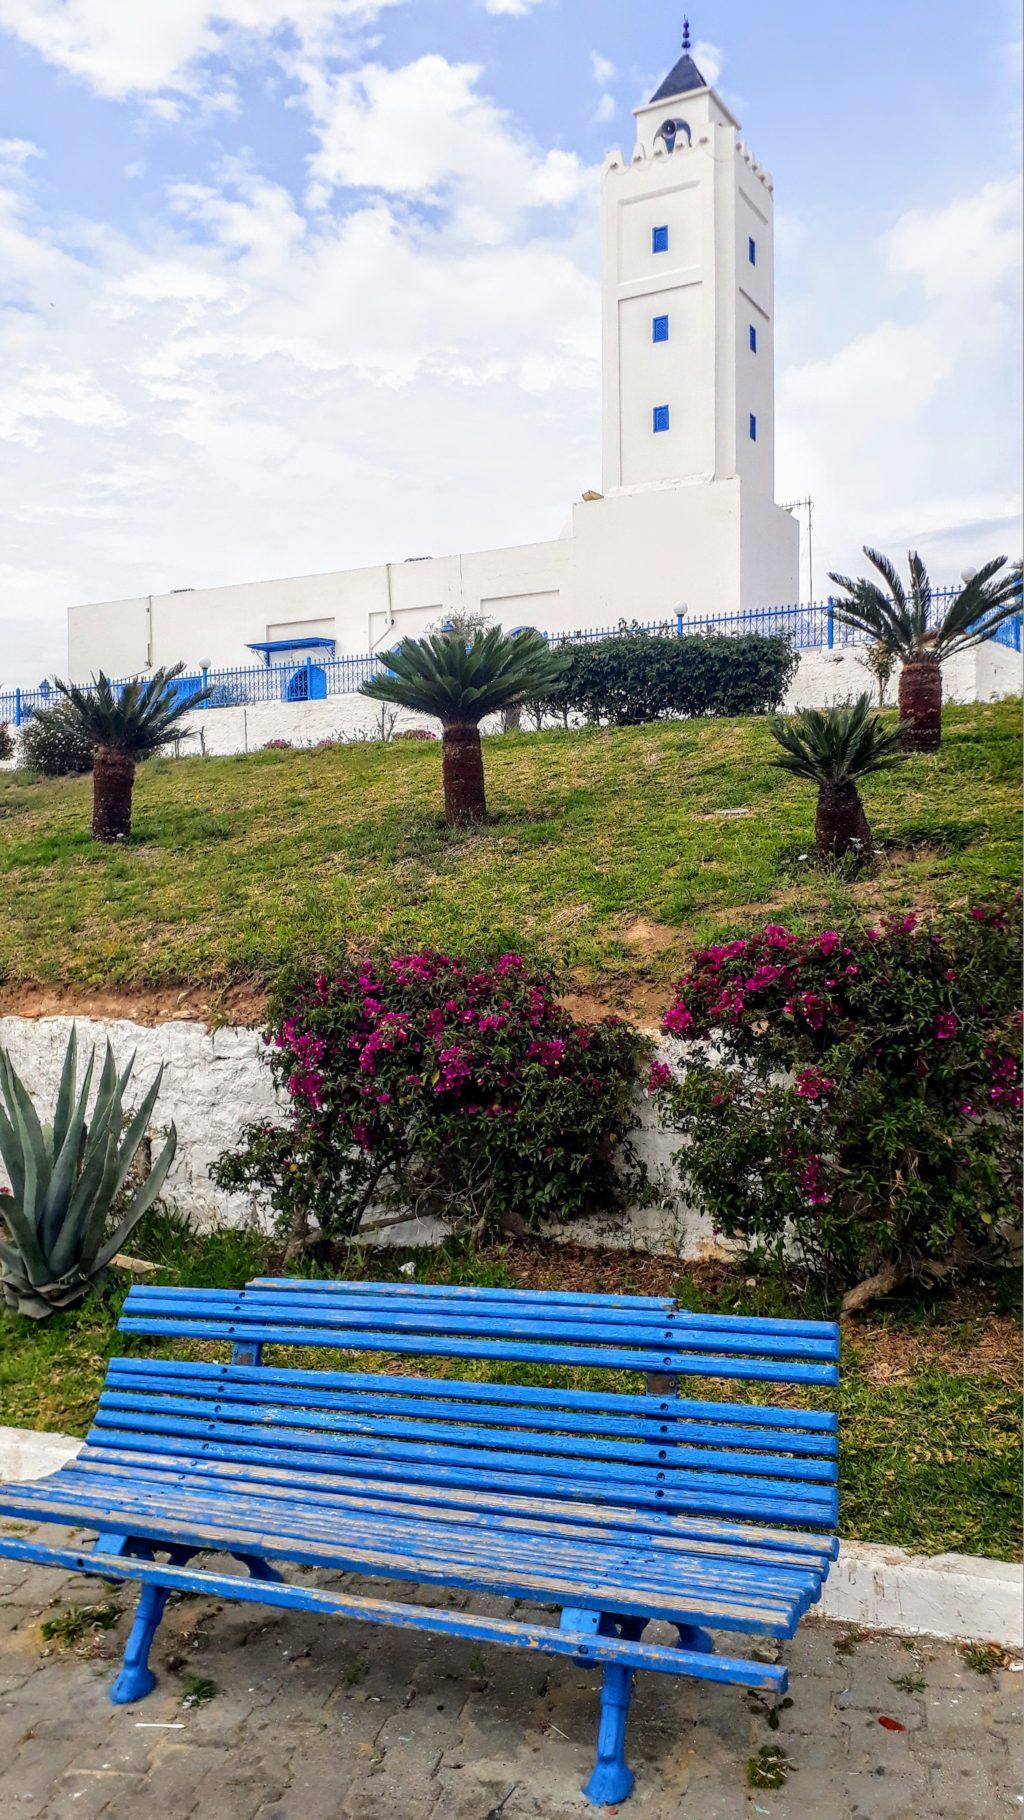 En Sidi Bou Saïd la religión tiene alta prioridad, el lugar es considerado sagrado